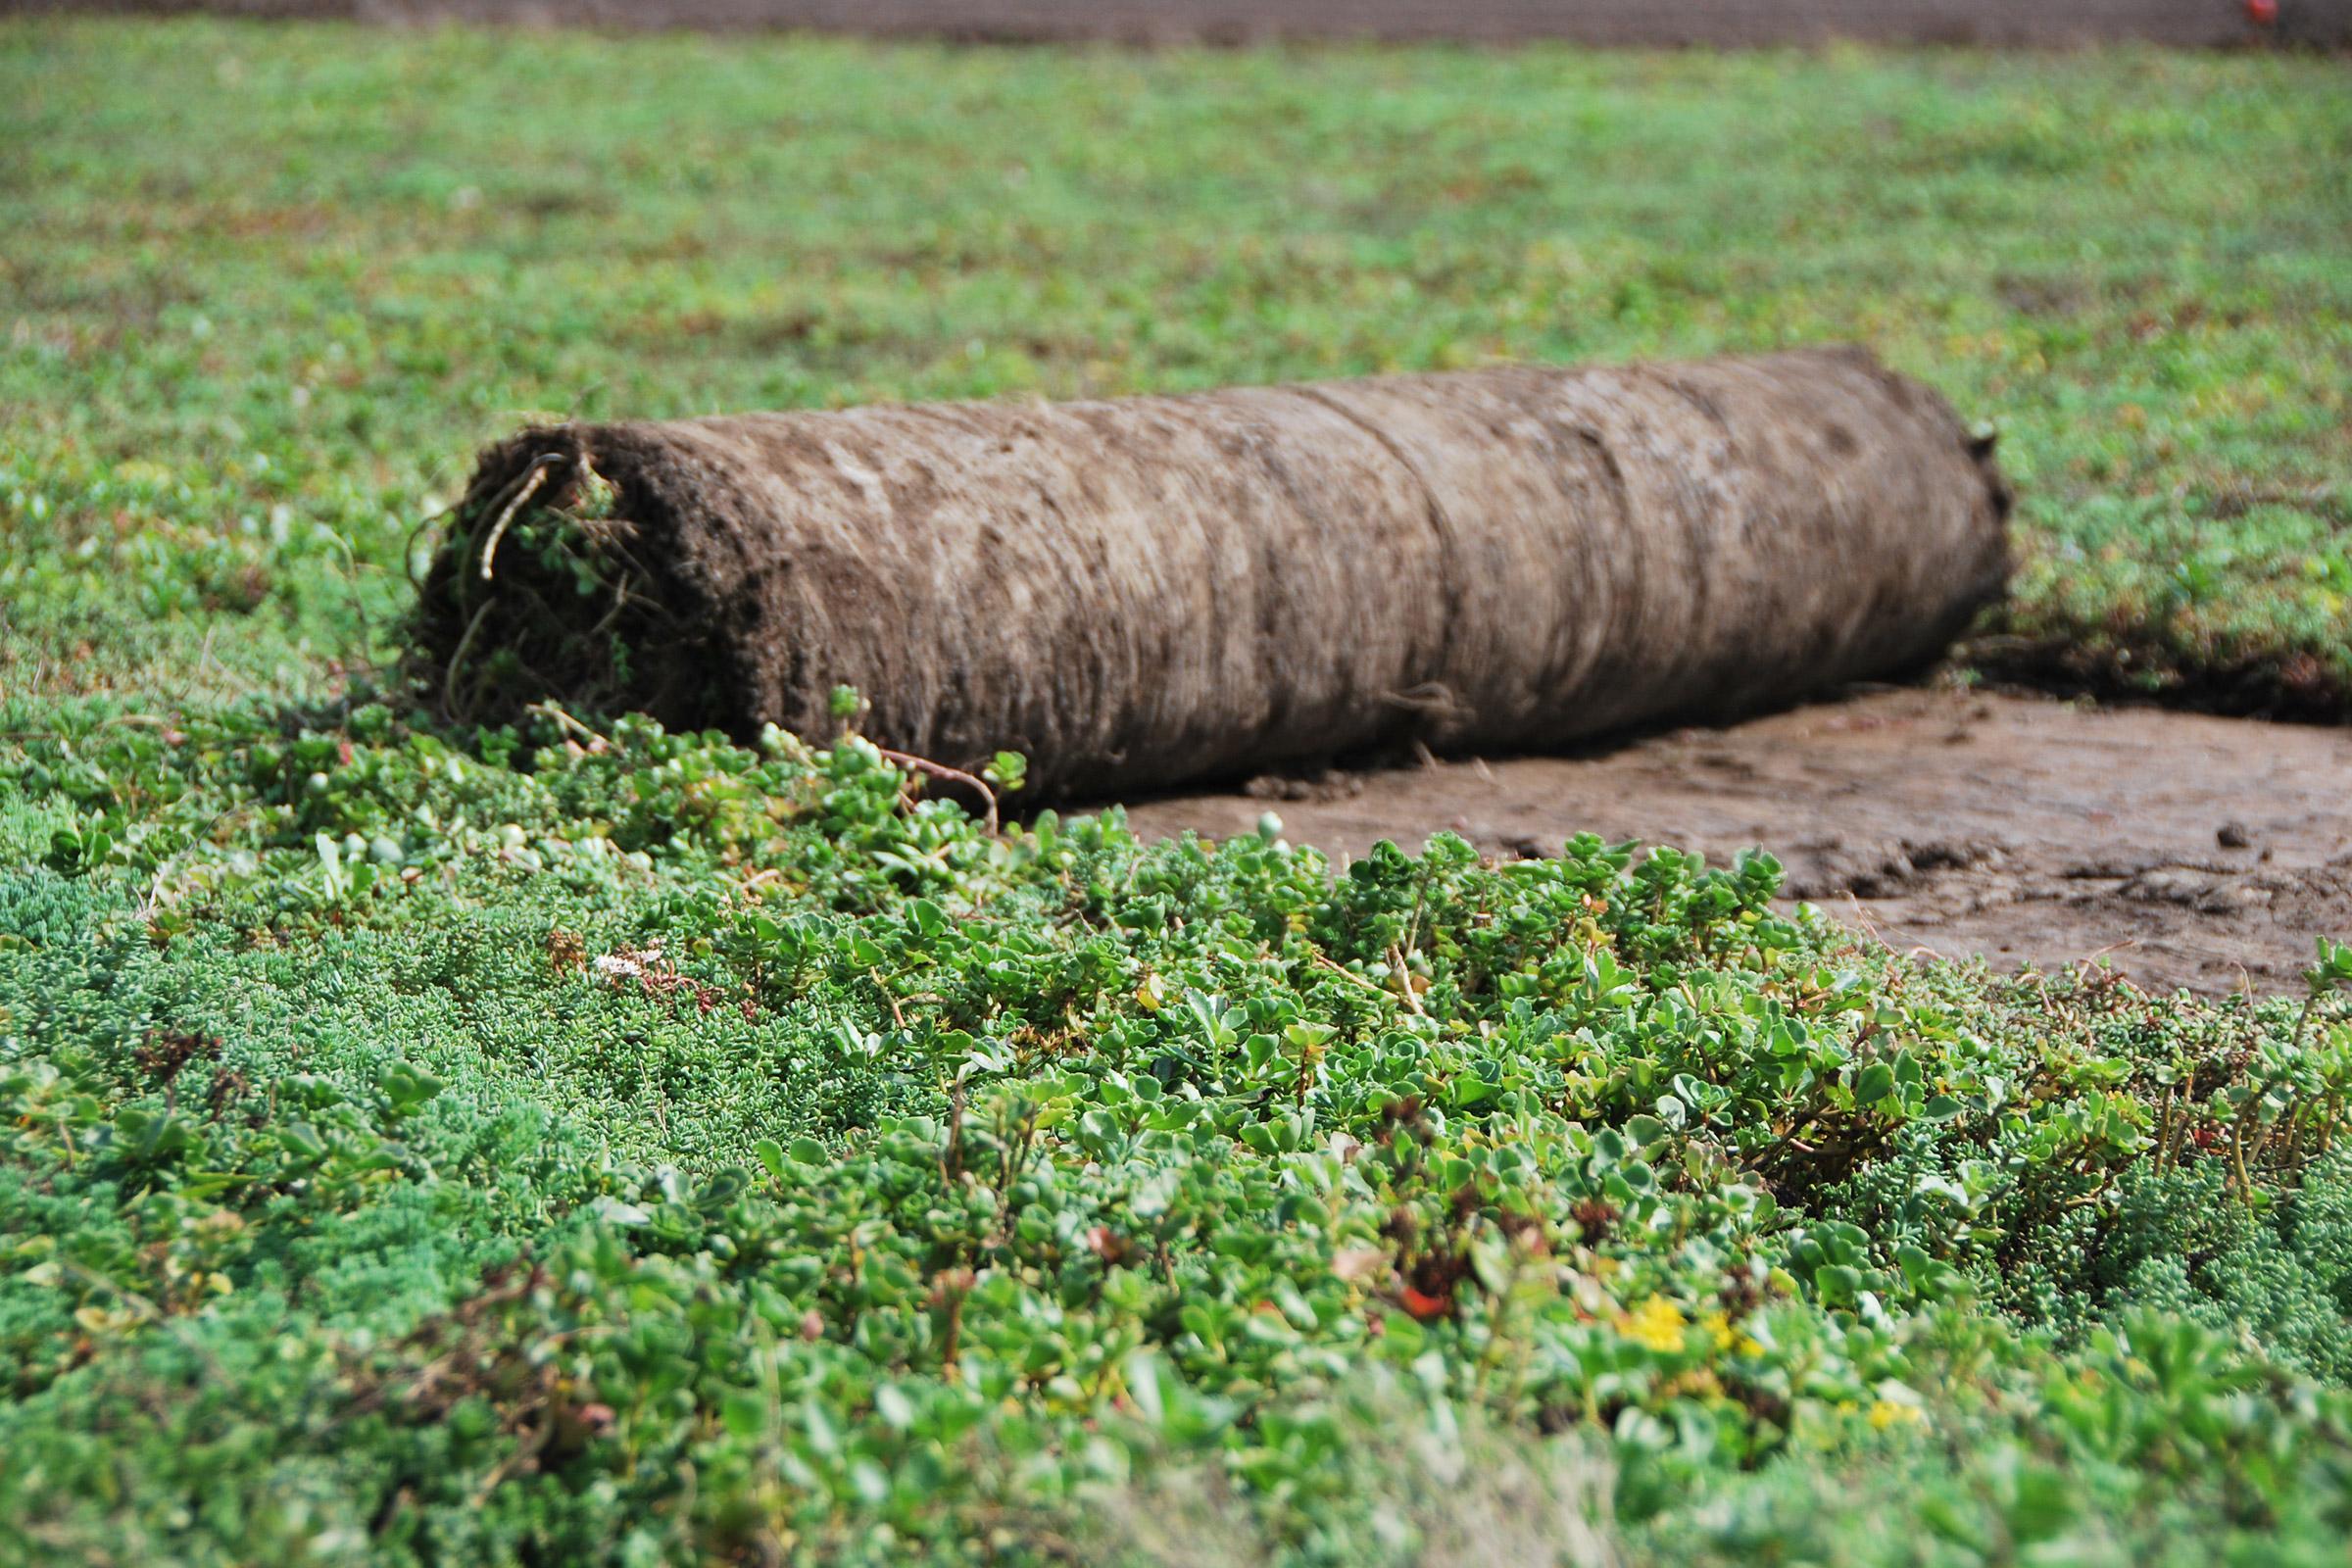 Vegetation Blankets